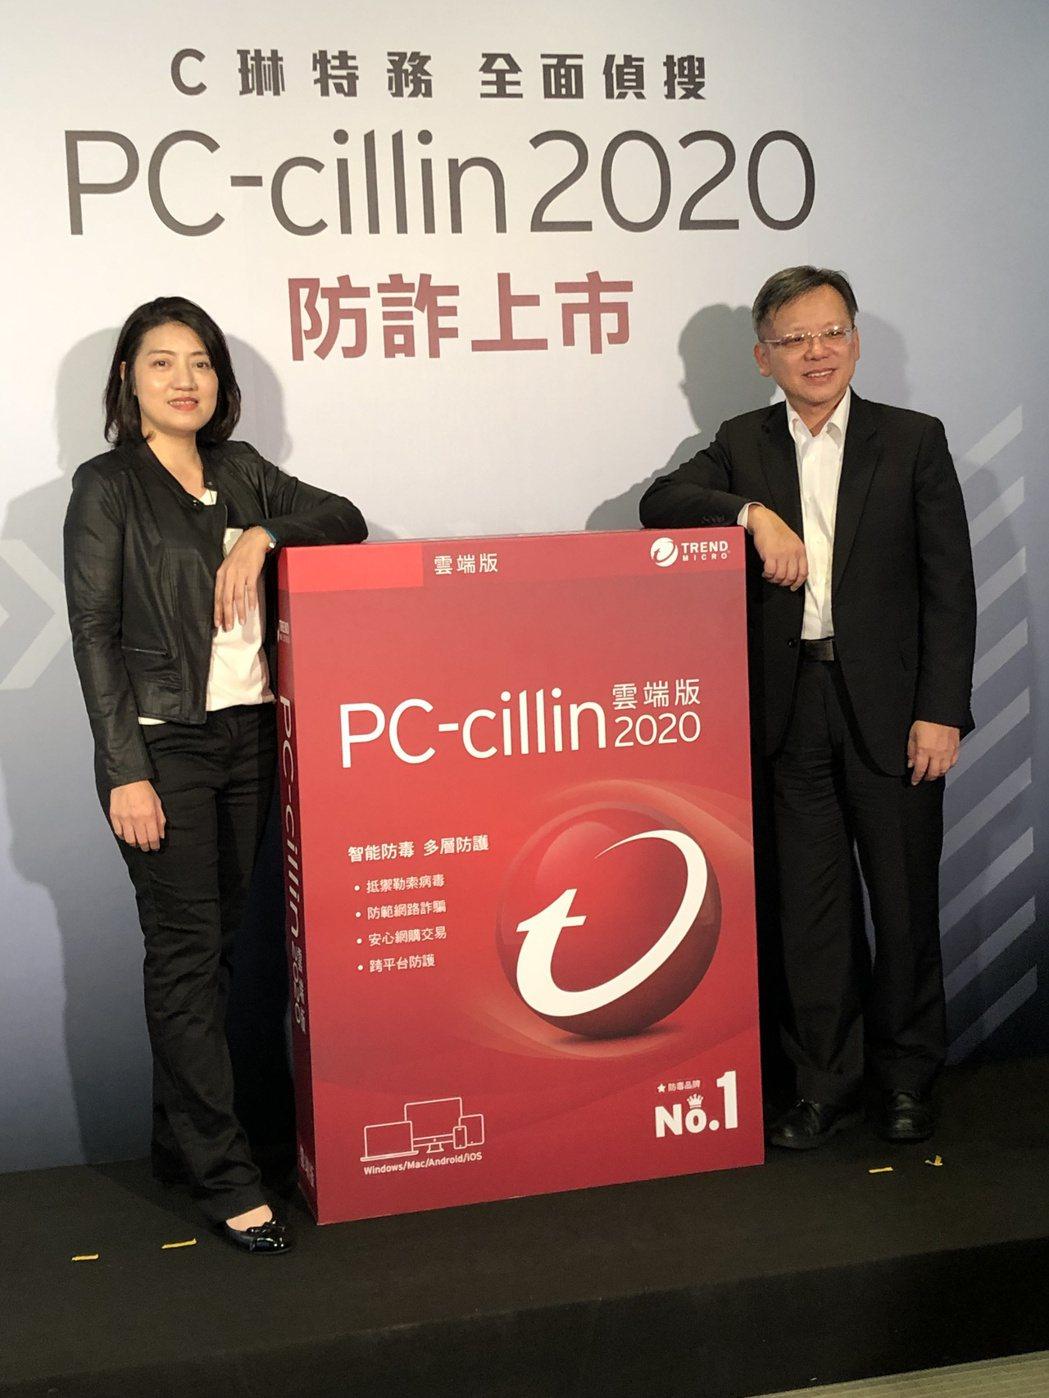 趨勢台灣及香港區總經理洪偉淦(右)與趨勢產品行銷經理朱芳薇。記者蕭君暉/攝影